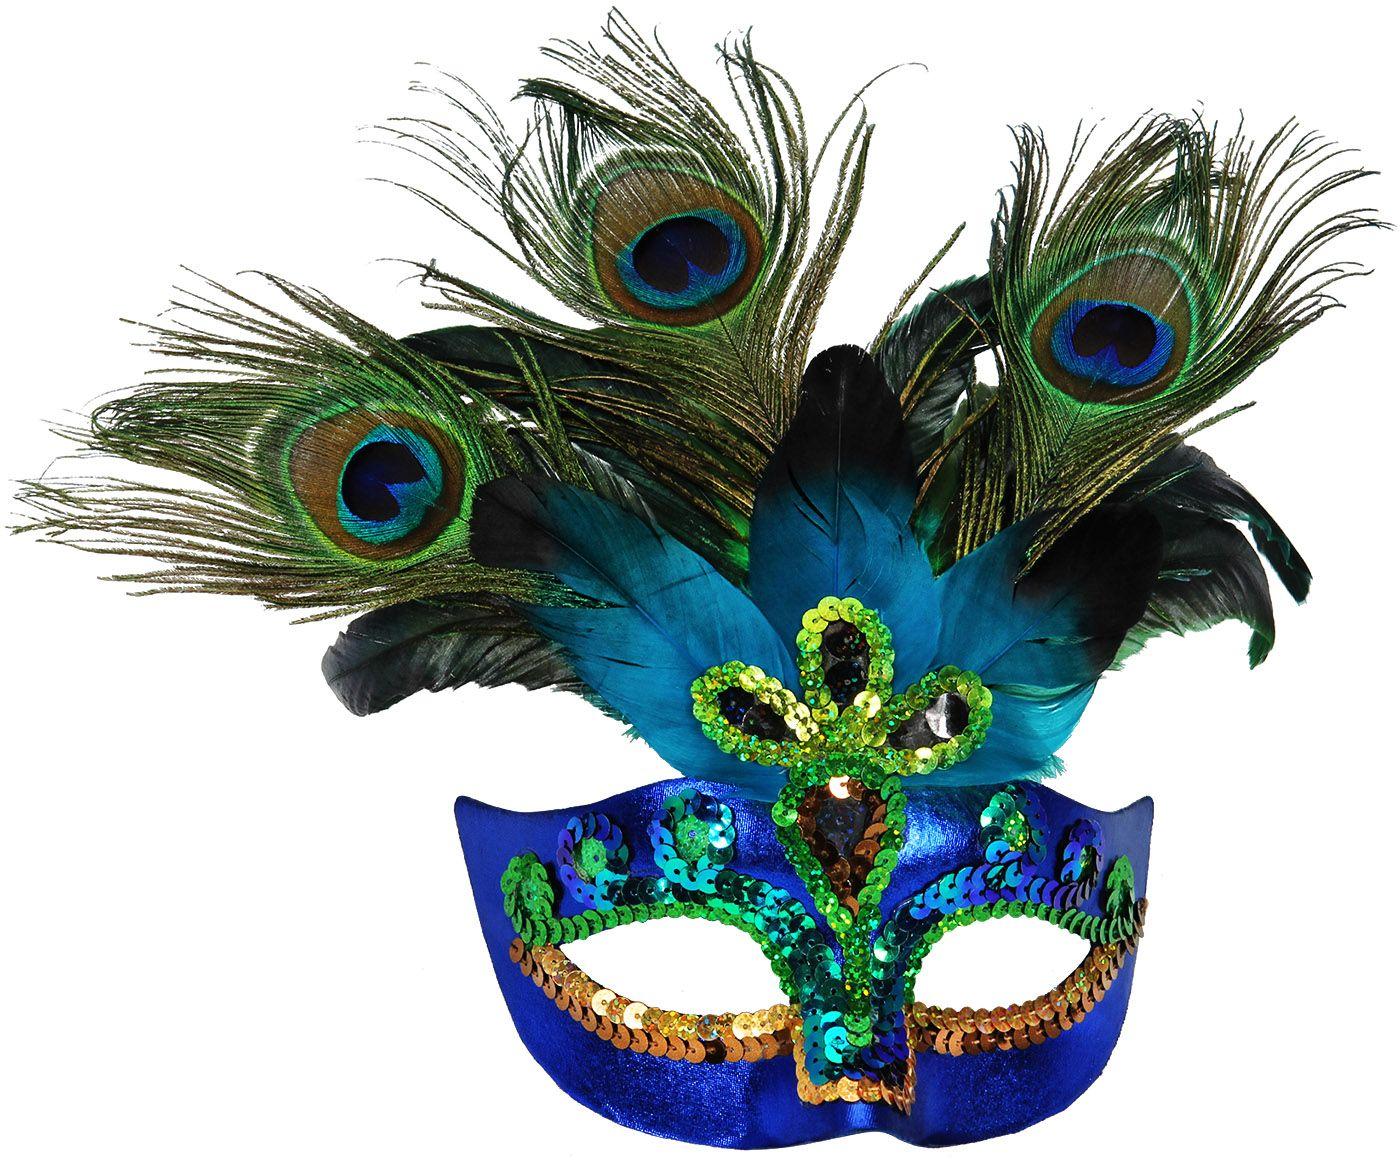 Blauw vrouwen oogmasker vrouwen